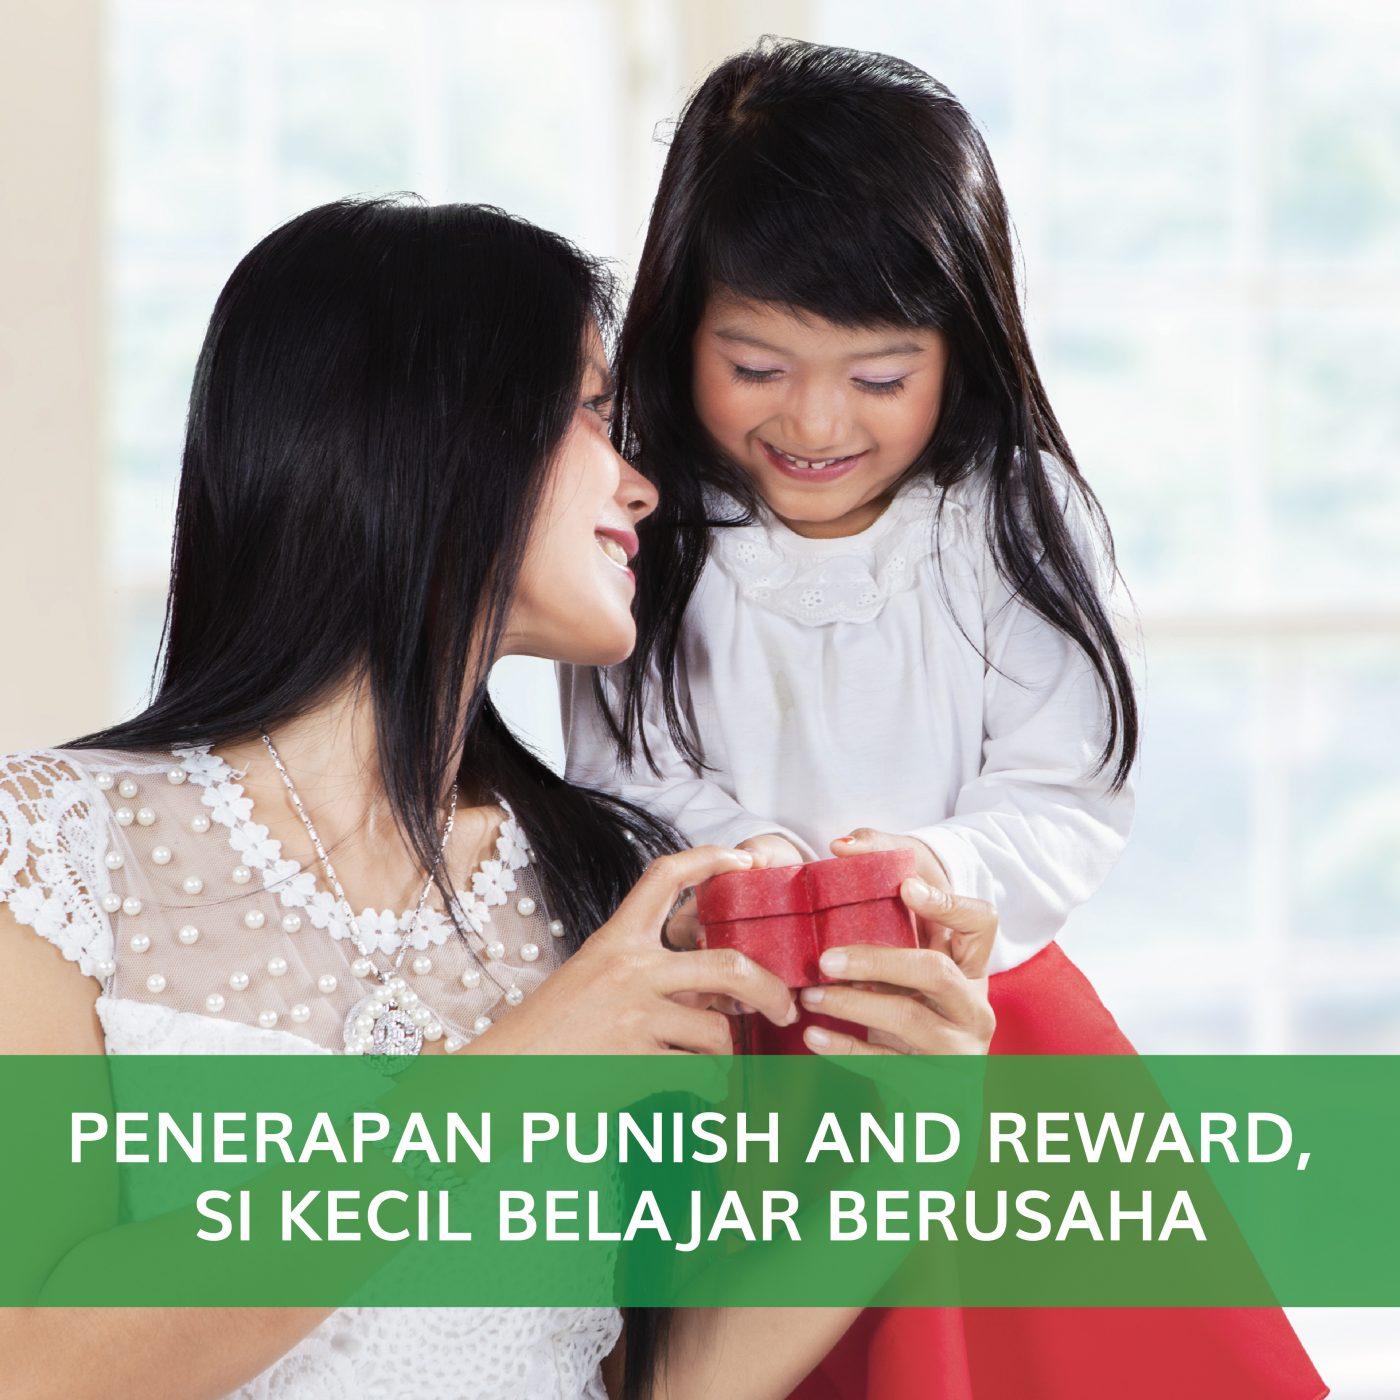 Image Penerapan Punishment and Reward, si Kecil Belajar Berusaha